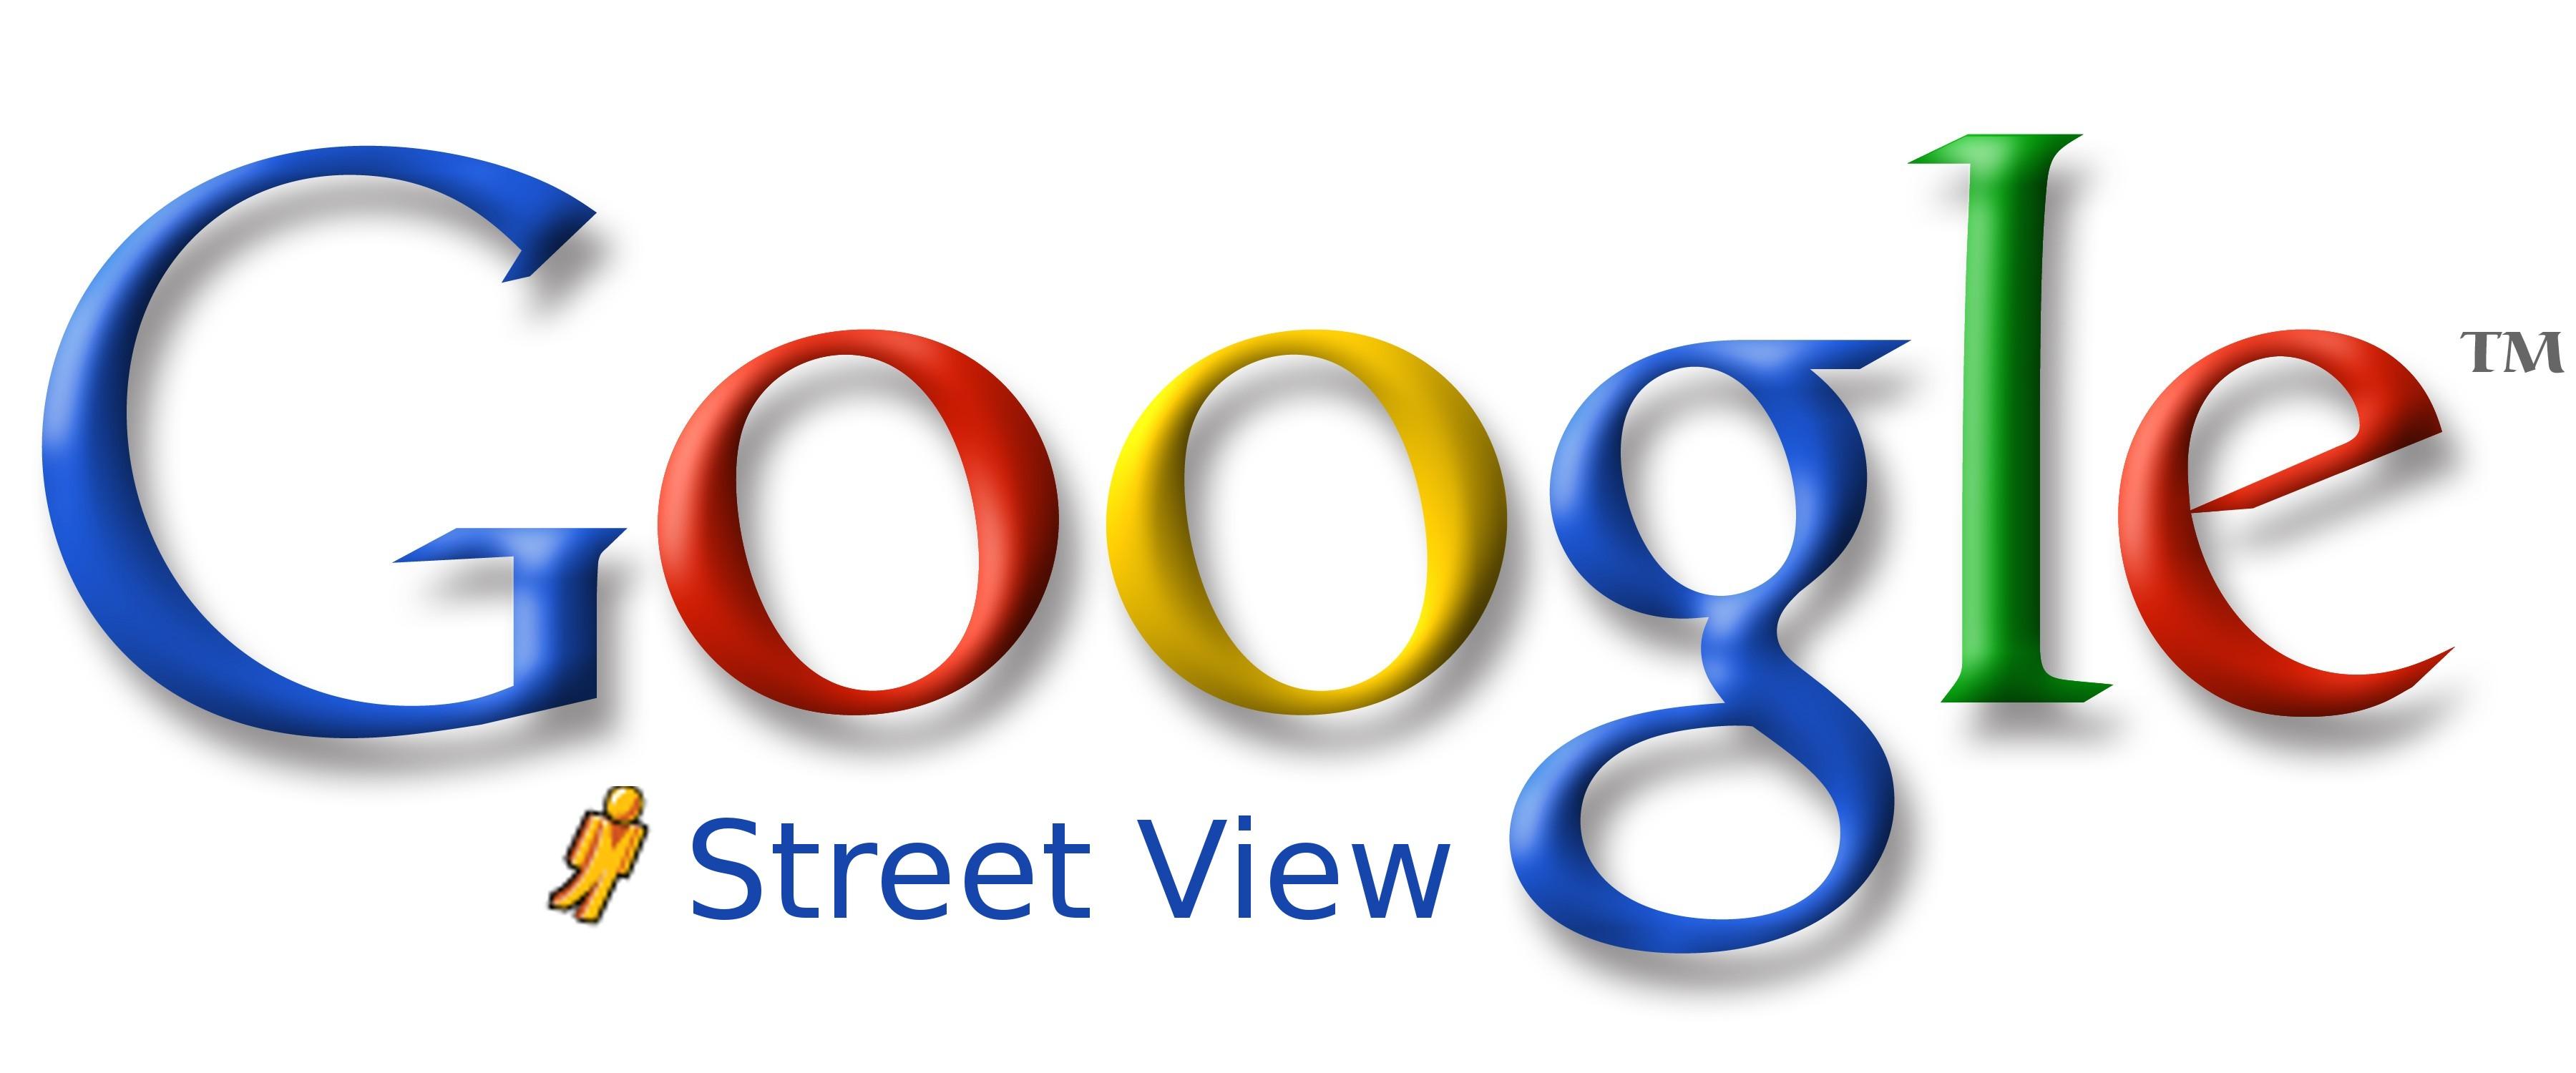 Scarica Google Street View per Android. Trova tutto quello che stai cercando 1